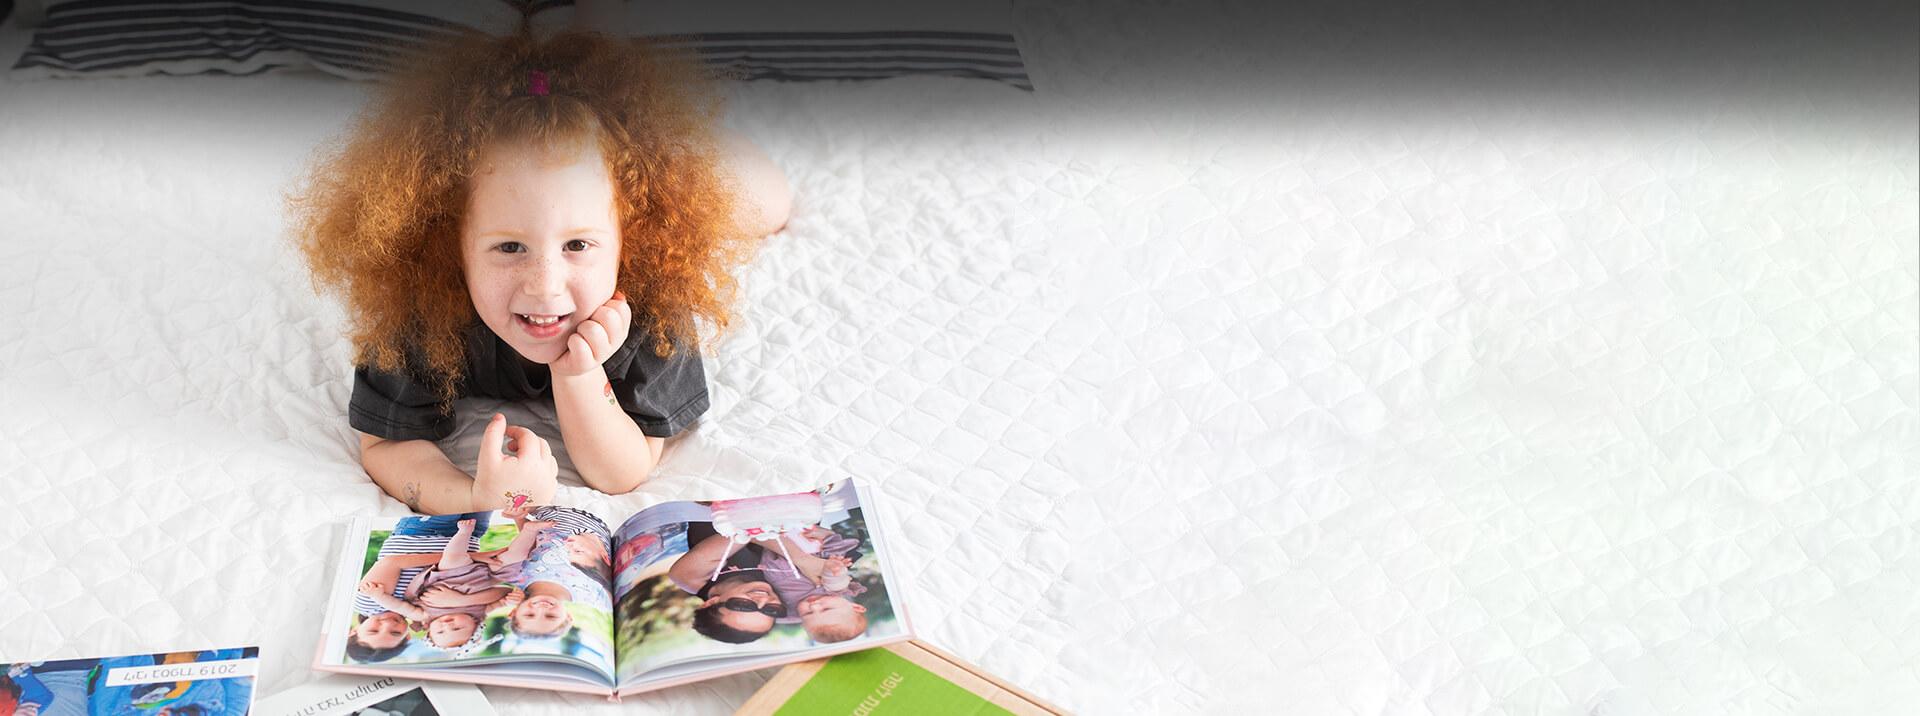 ילדה מדפדפת באלבום תמונות לופה